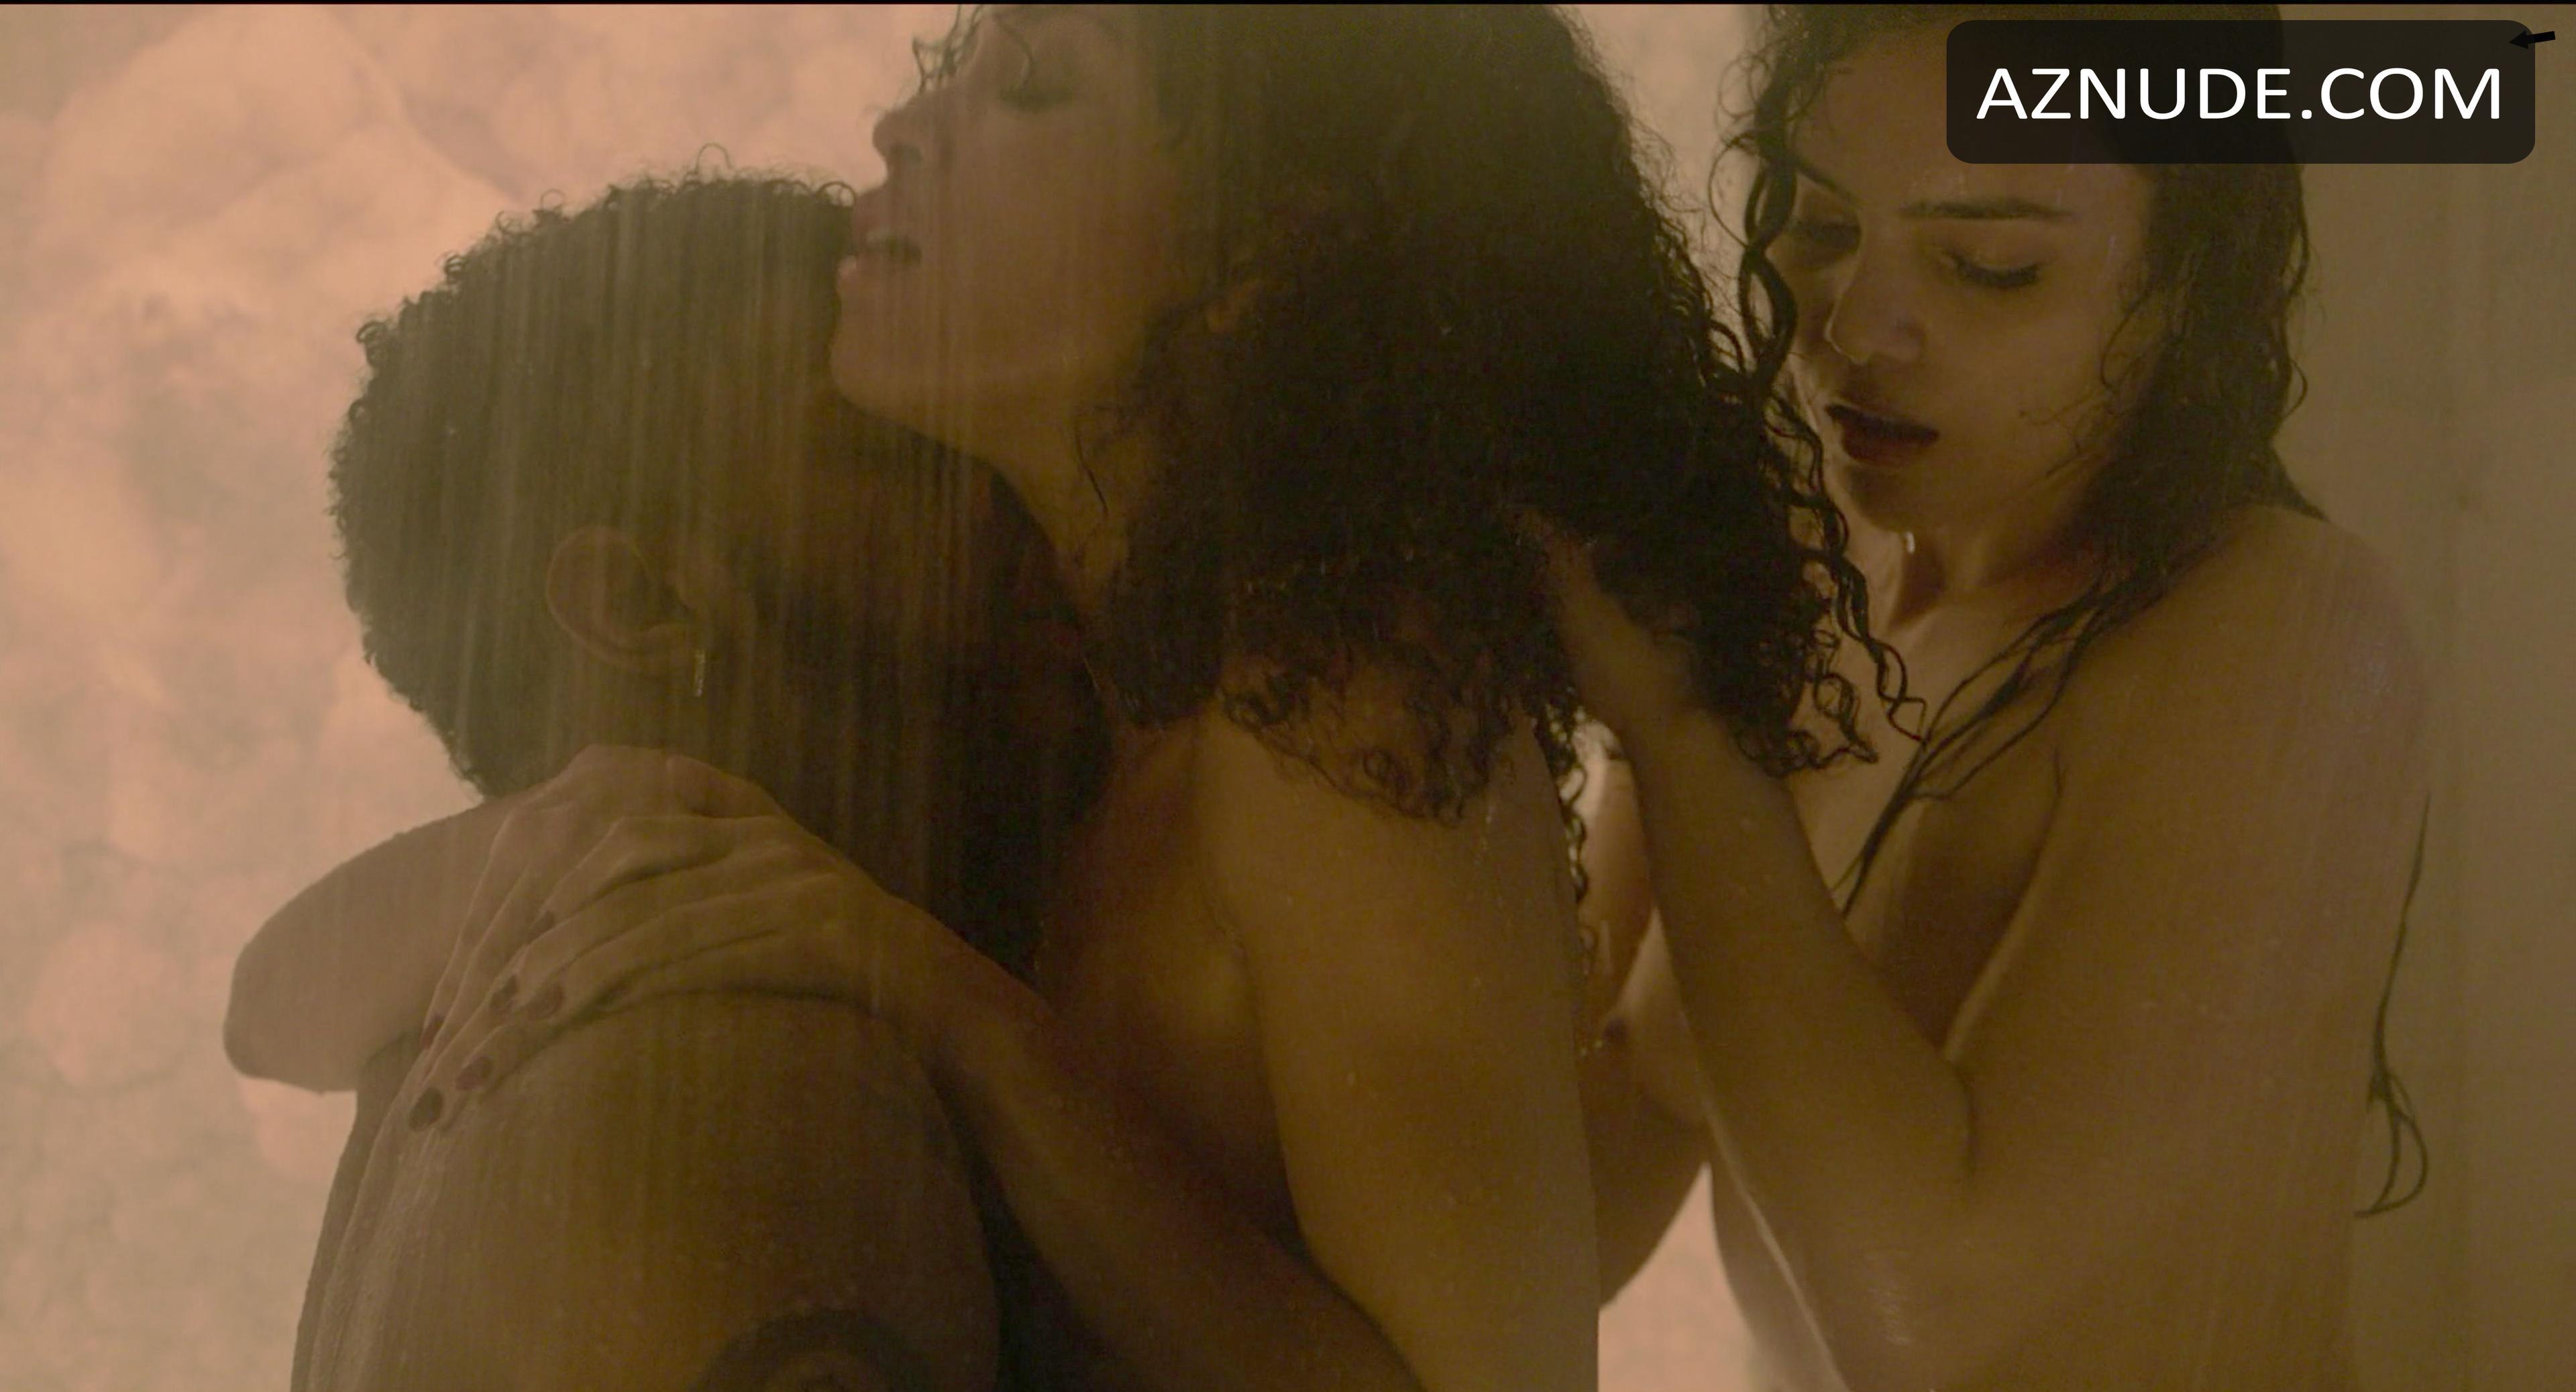 Andrea Londo Nua andrea londo nude - aznude